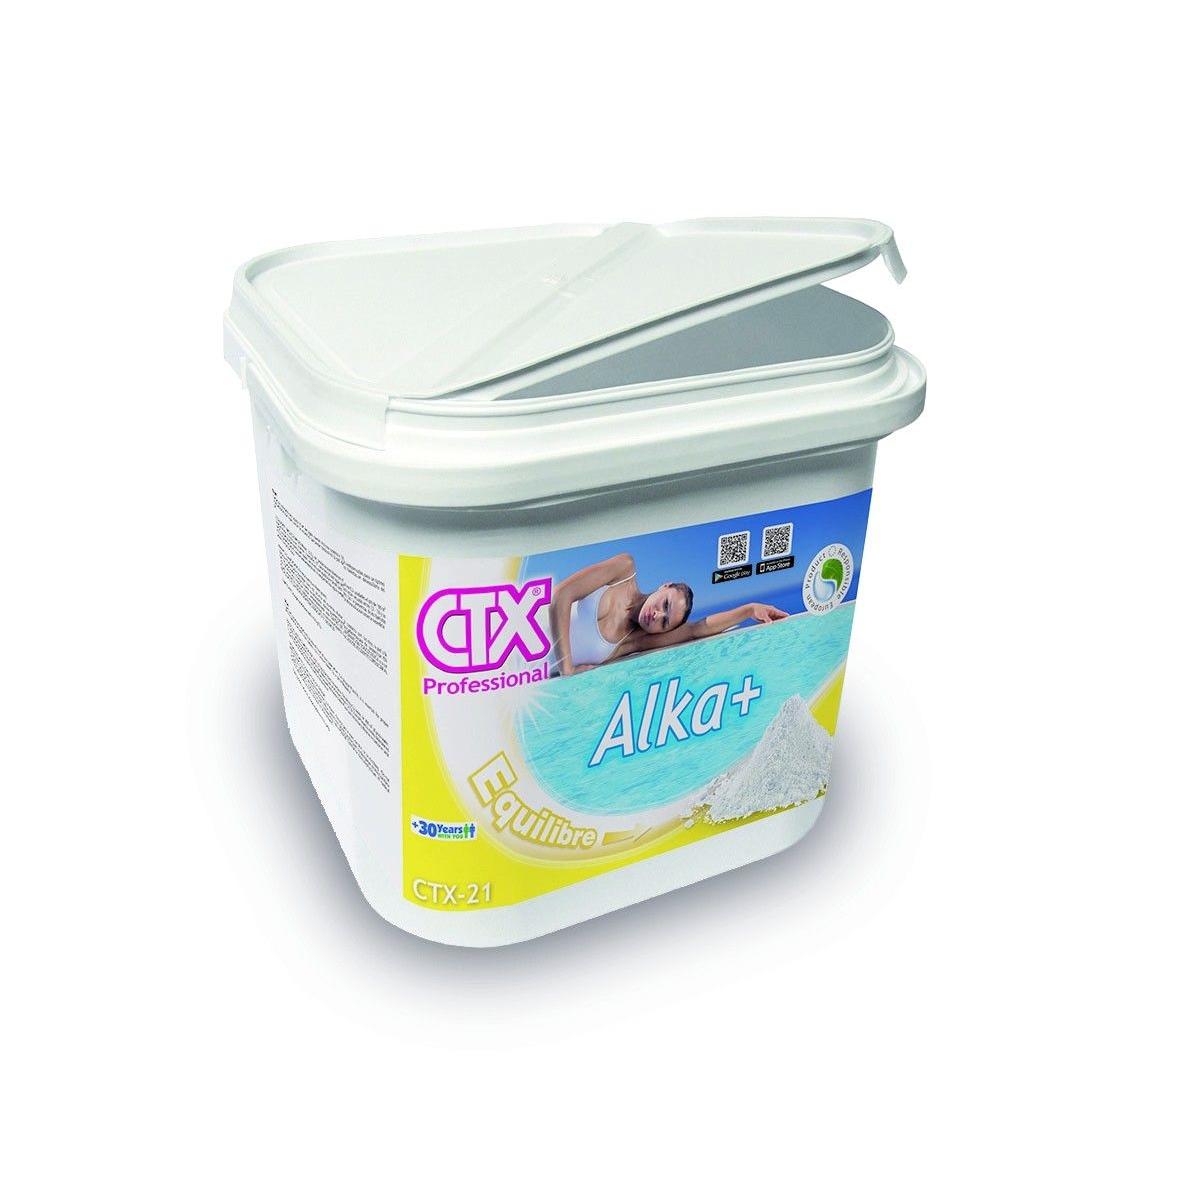 CTX-21 Alka+